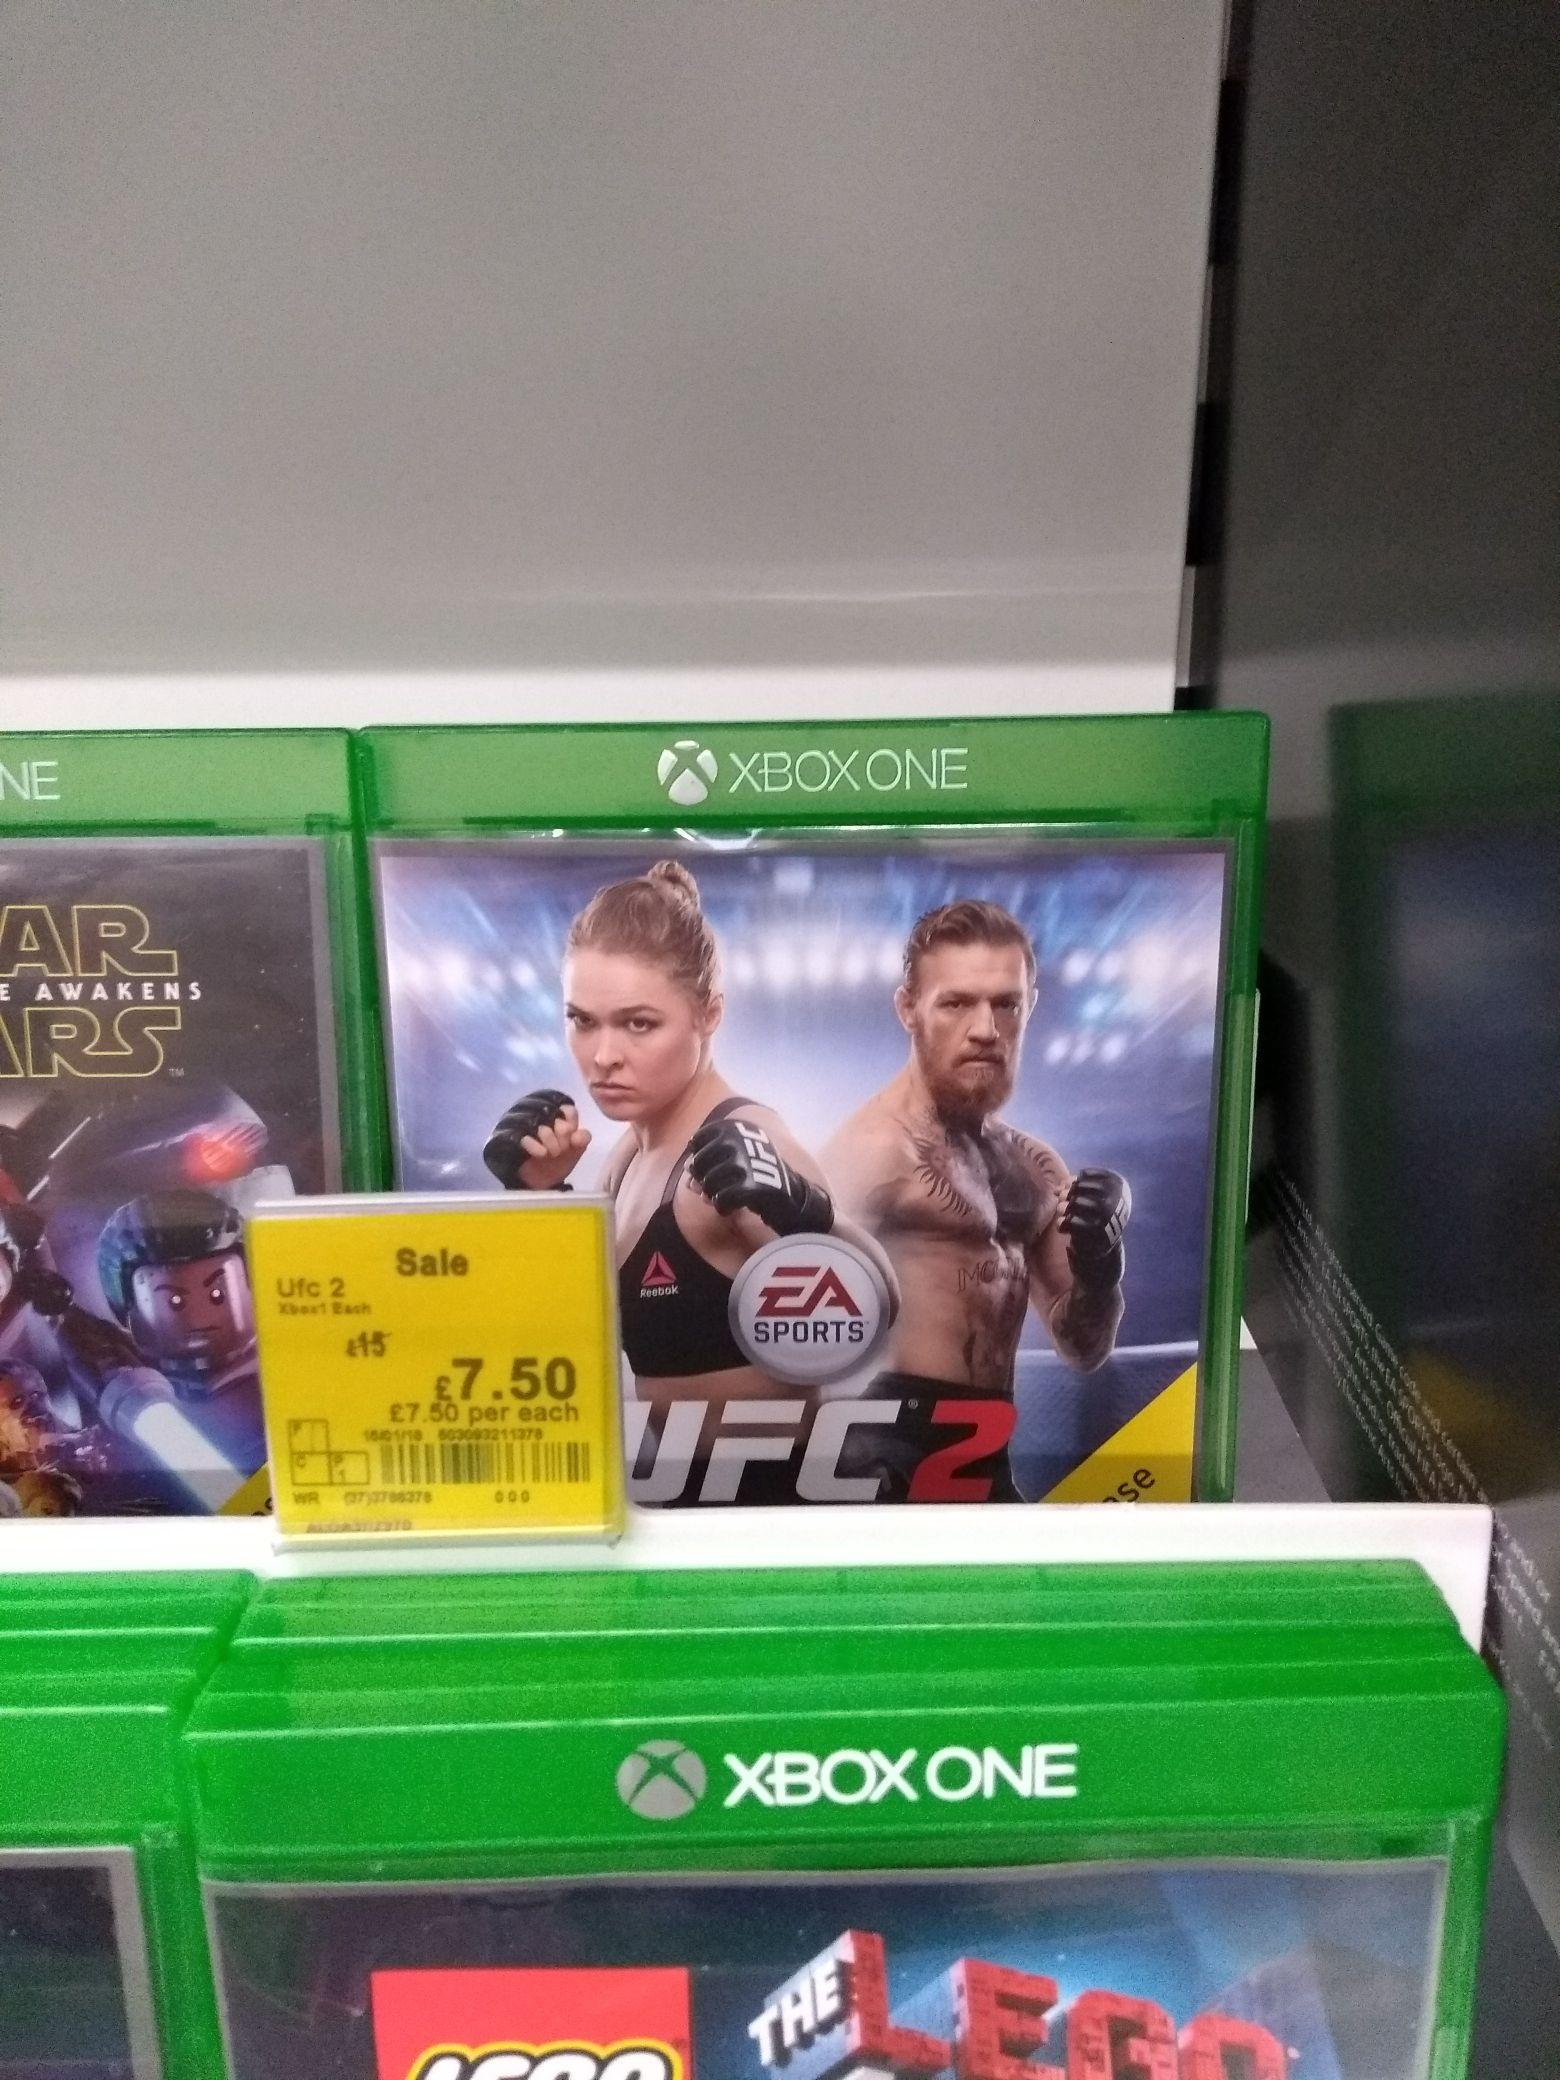 UFC 2 Xbox one £7.50 @ Asda - Chorley